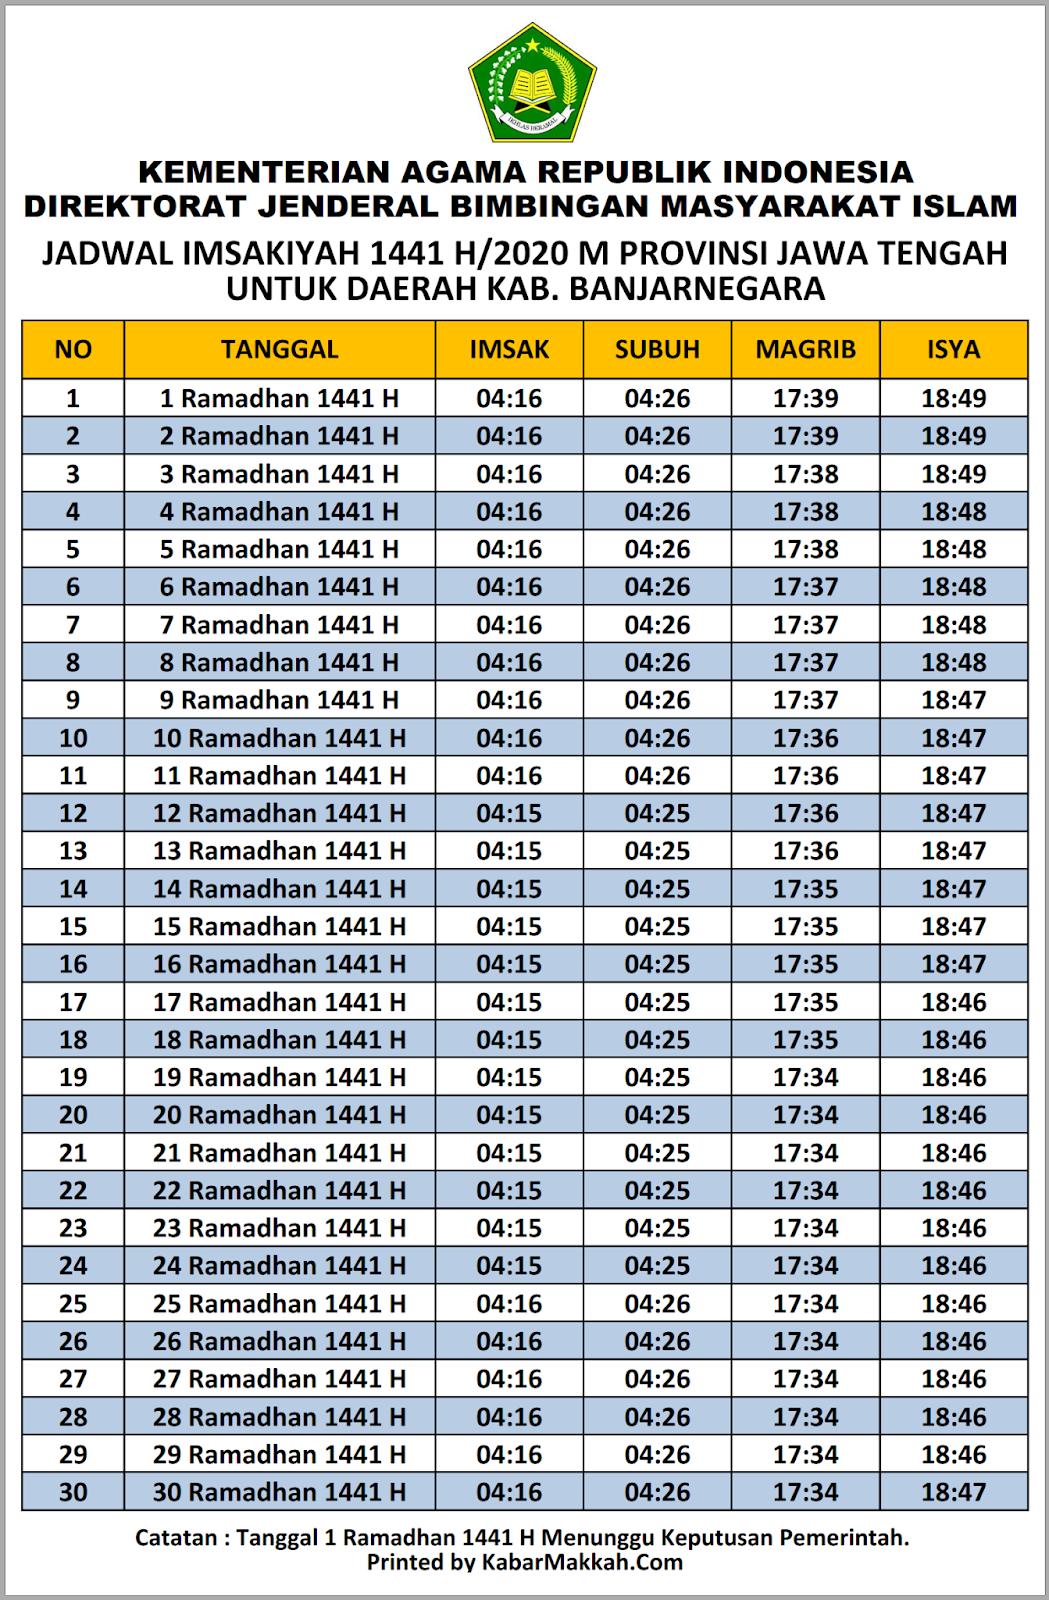 Jadwal Imsakiyah Banjarnegara 2020